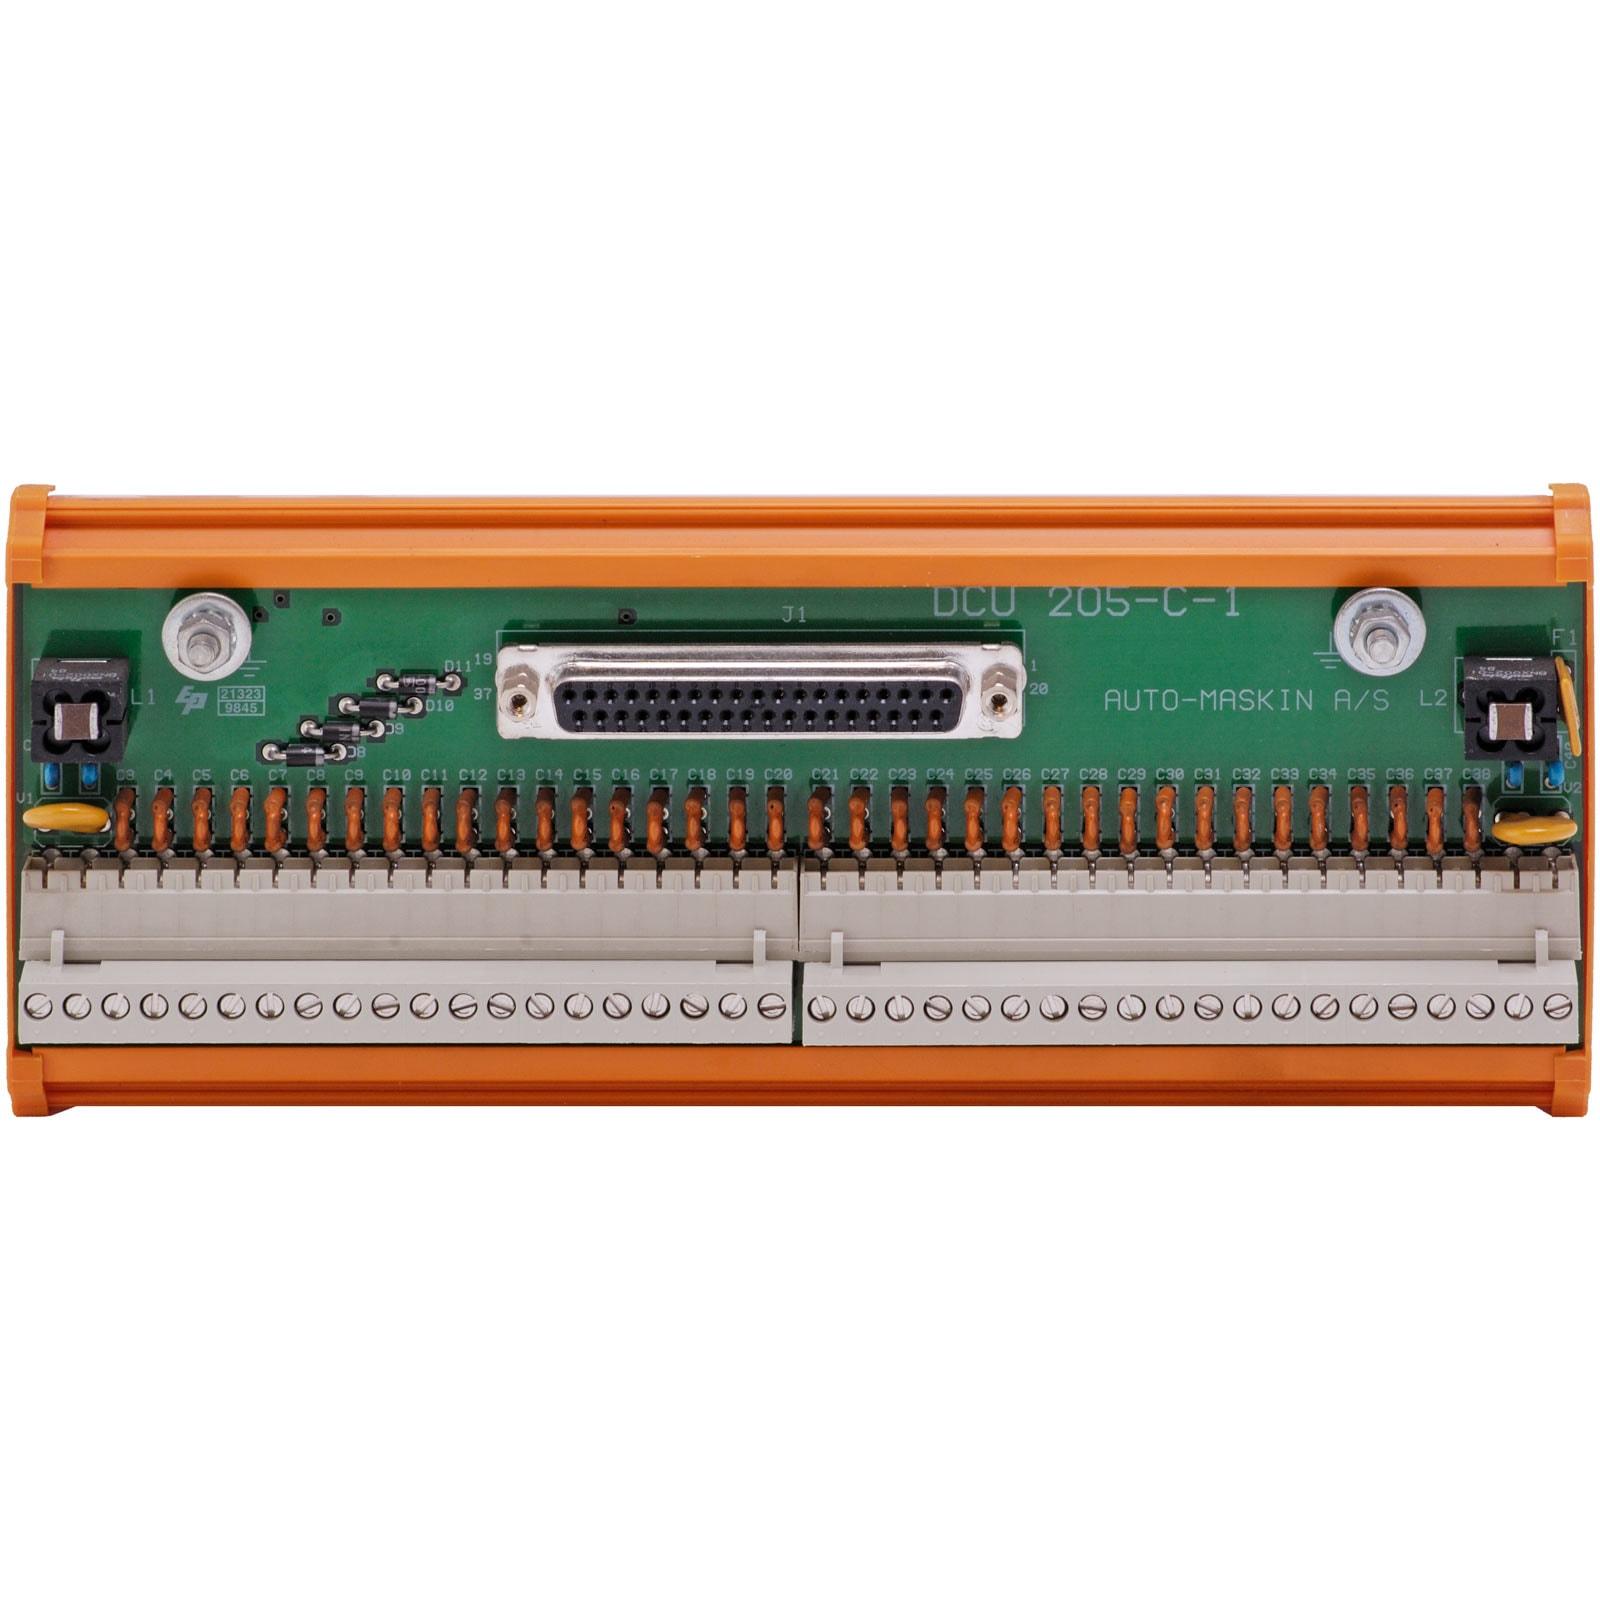 DCU 205 Module